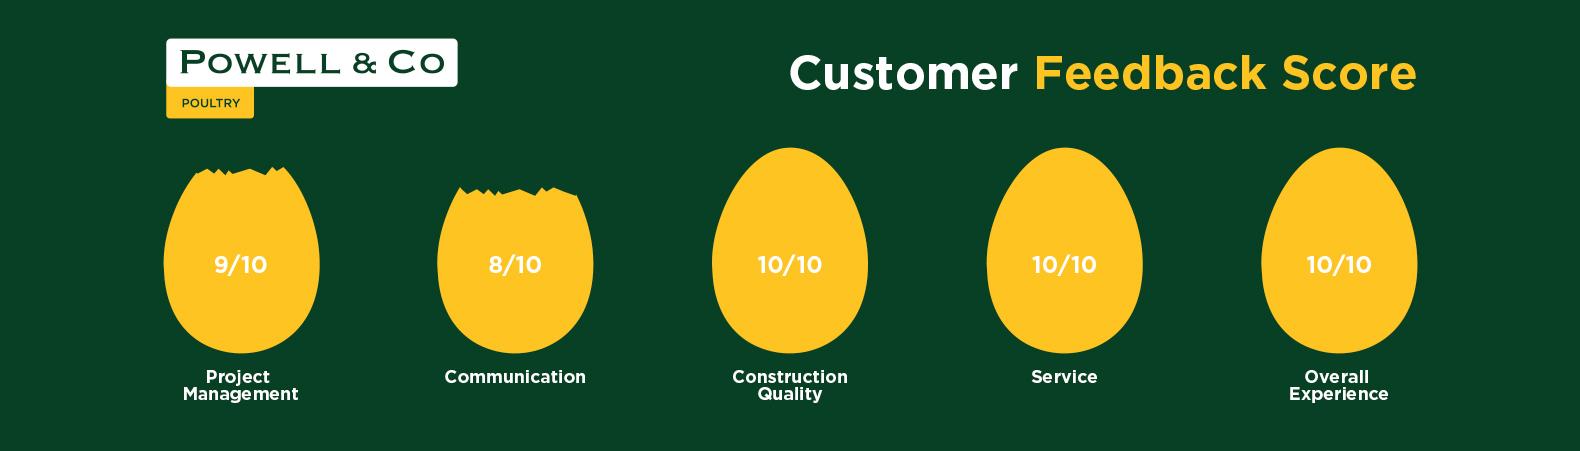 Powell & Co Customer Feedback